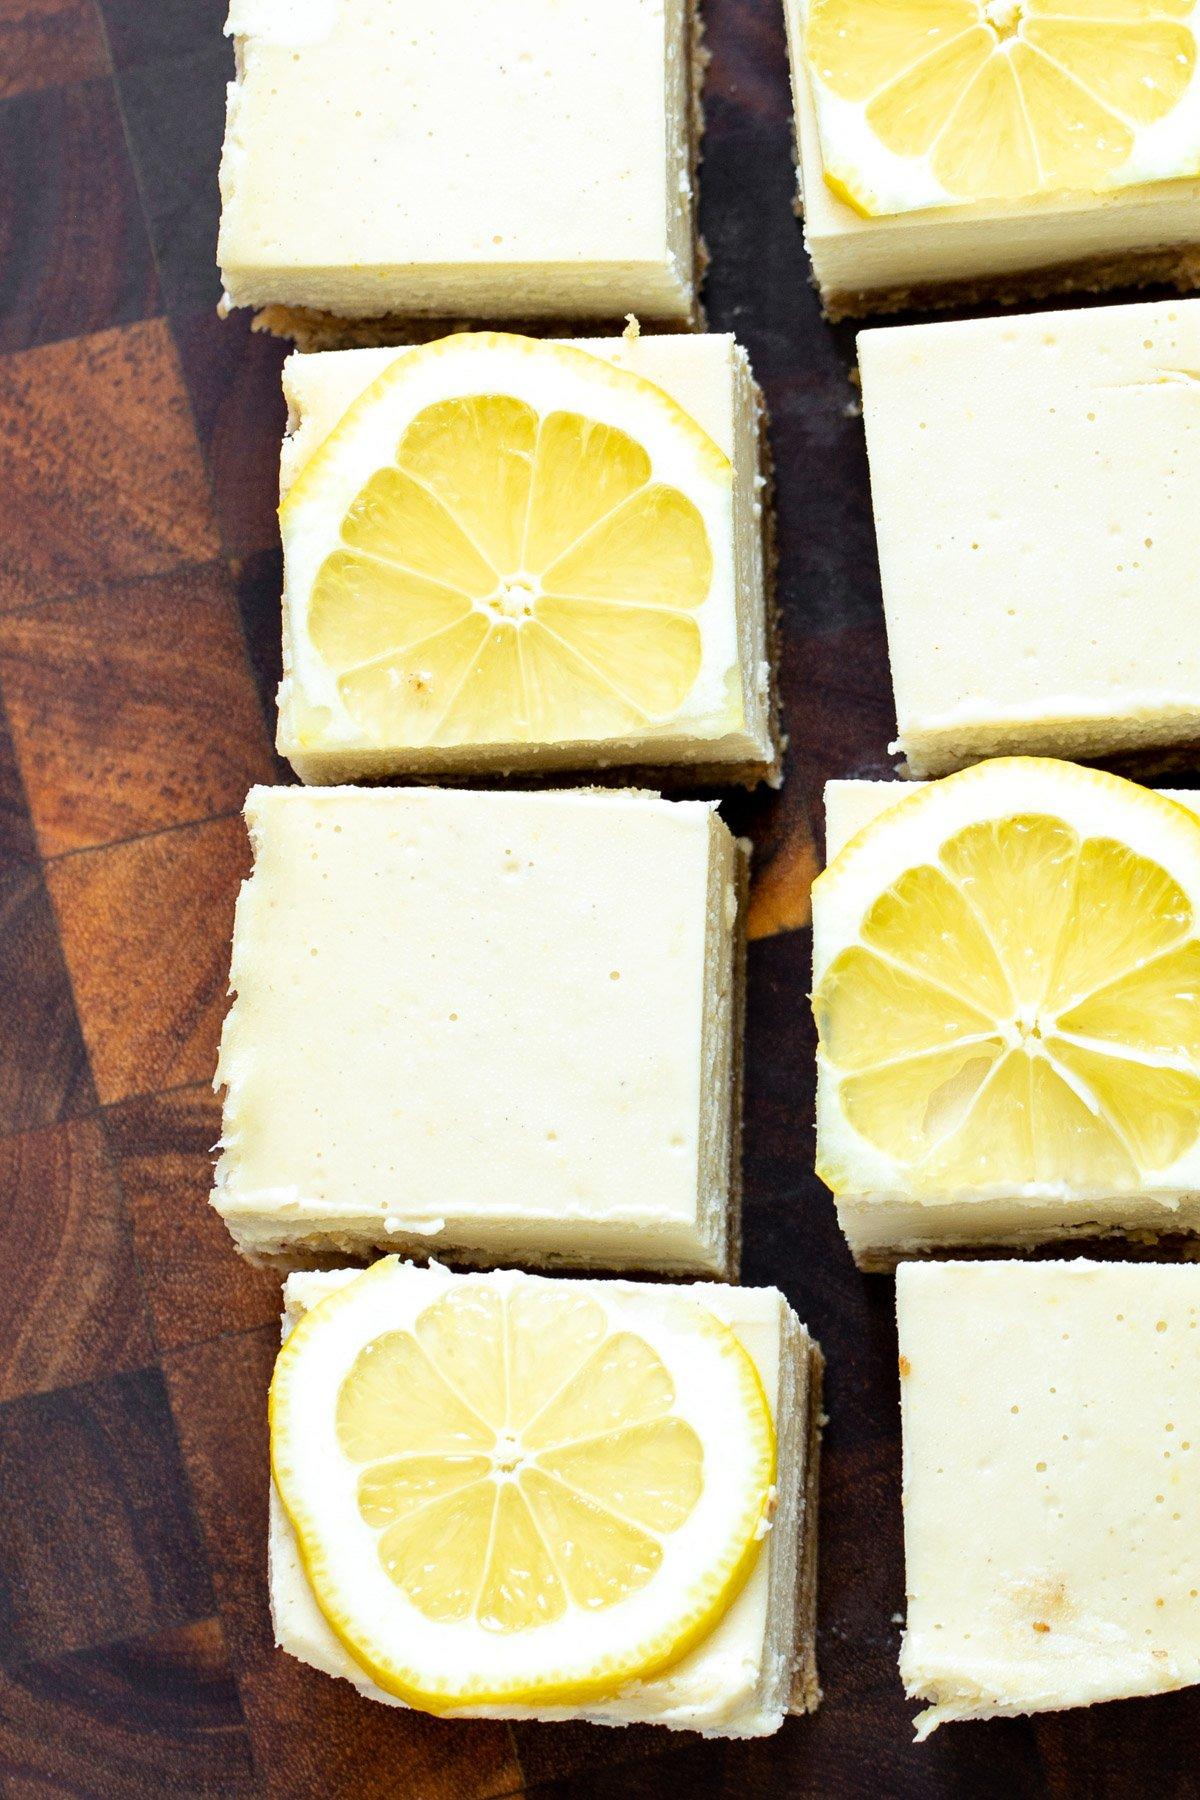 freshly cut vegan lemon bars topped with lemon slices